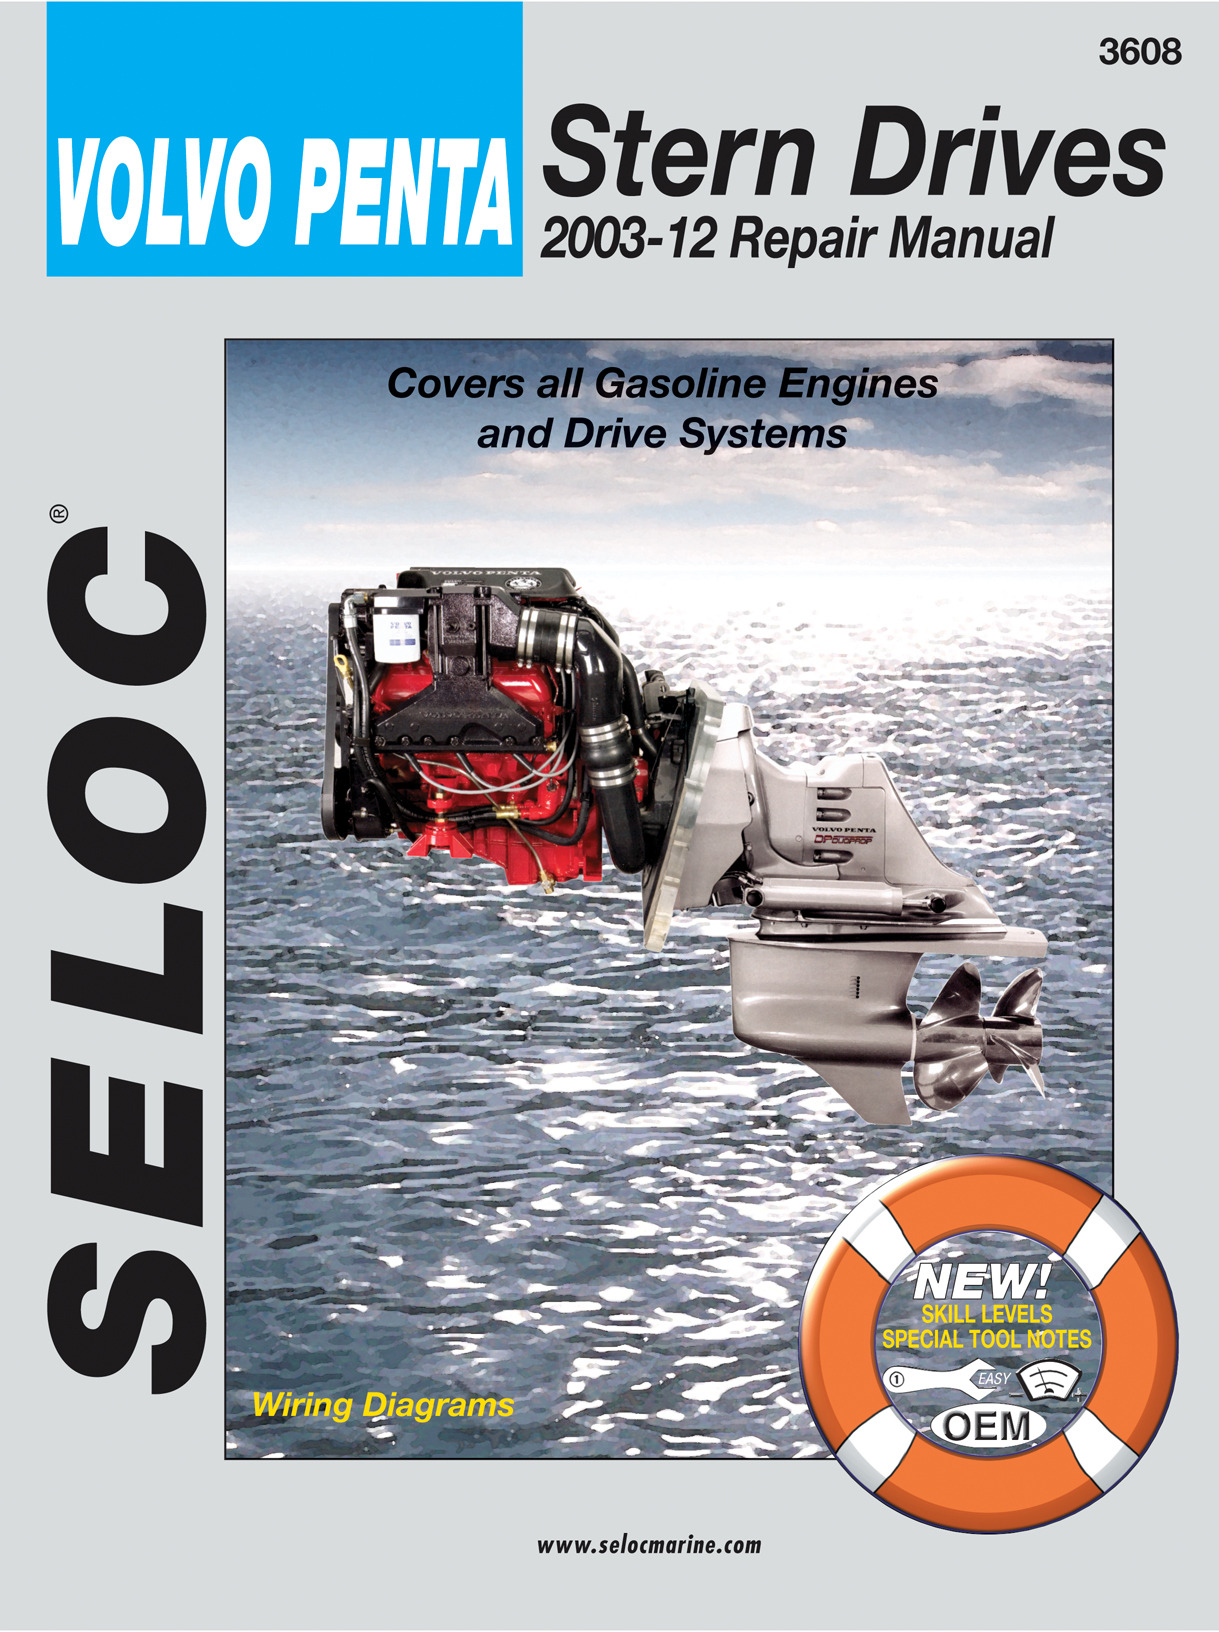 Volvo Penta Manuals